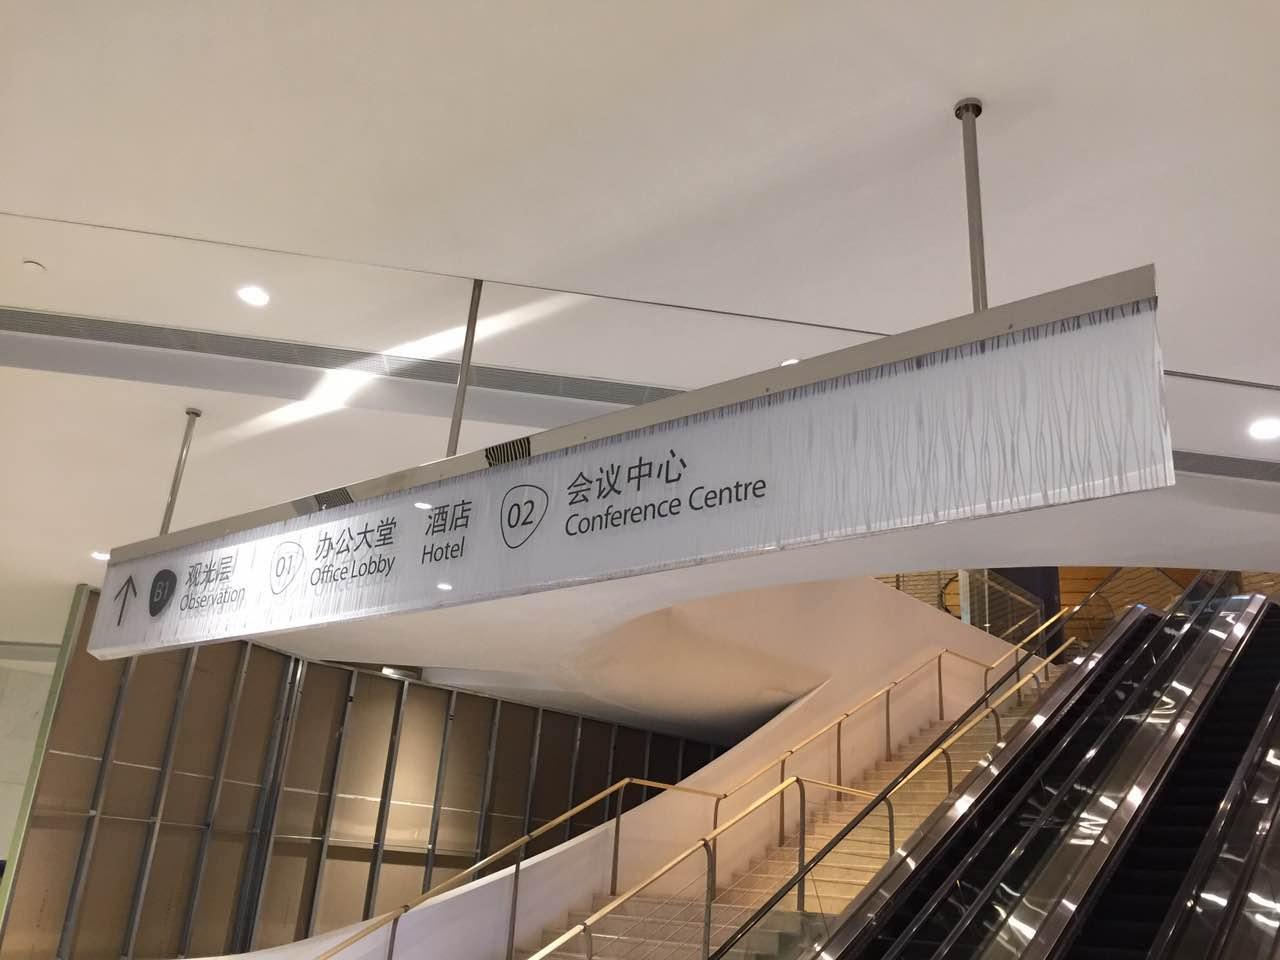 上海中心大厦导视,导视设计,写字楼标识,办公室楼标牌,亚克力标识,有机玻璃导视,上海导视,上海导视公司,EGD,